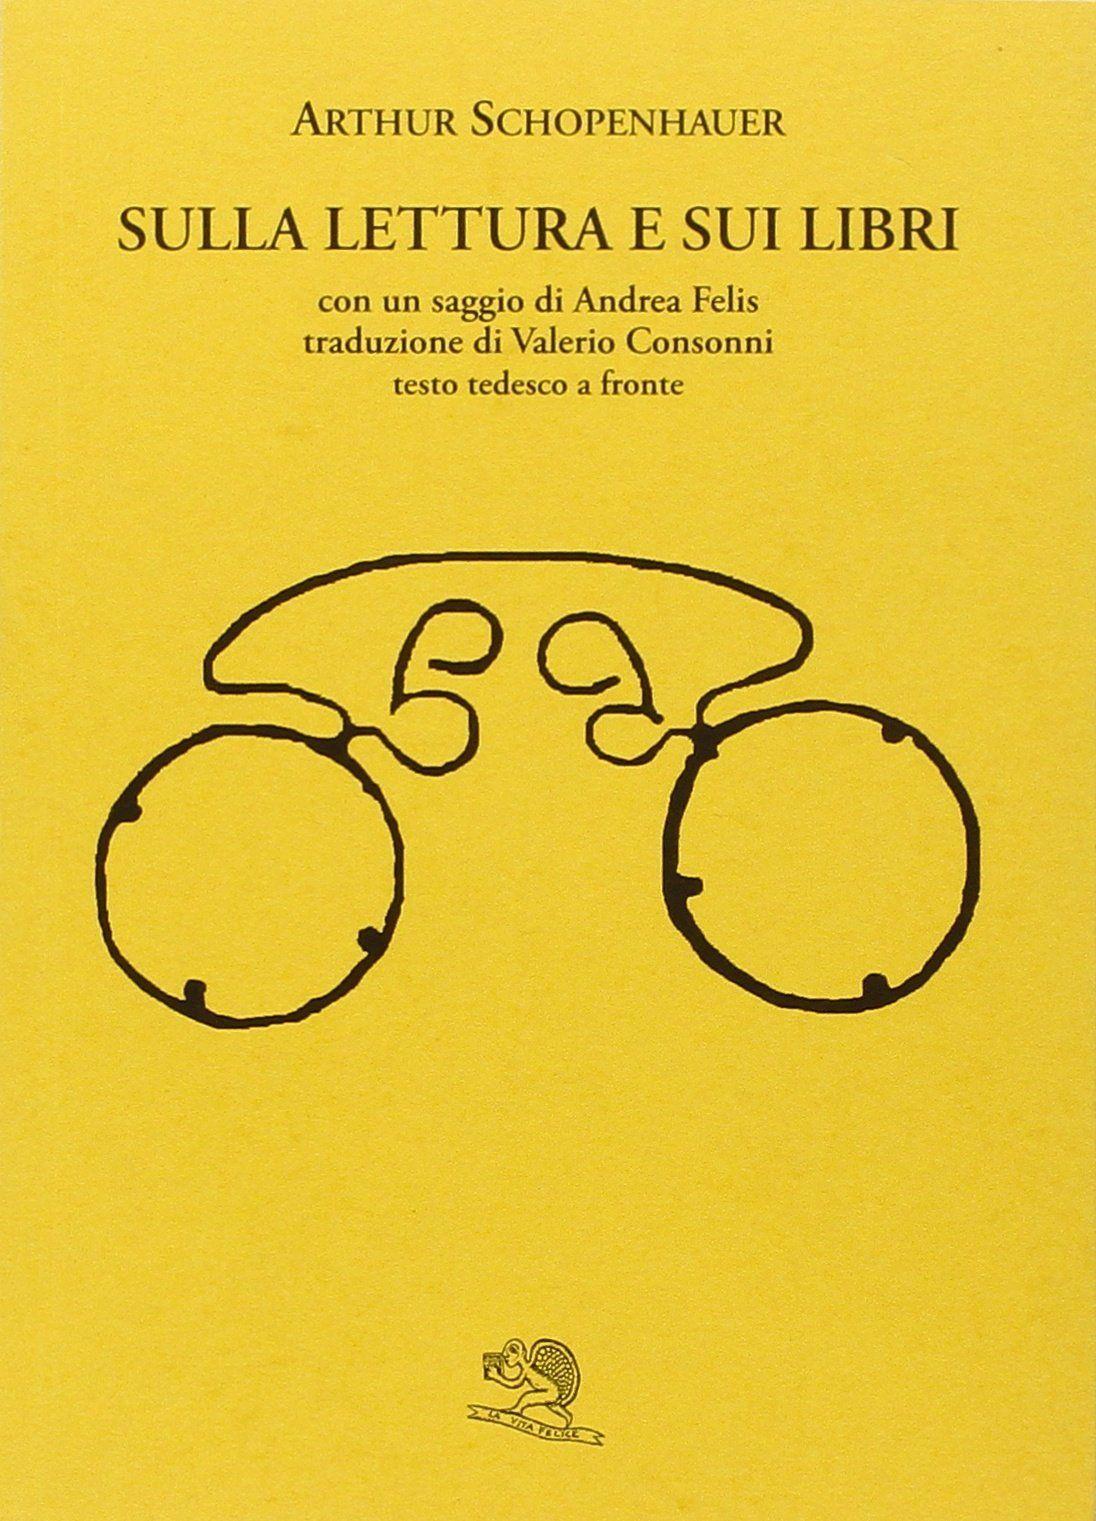 """""""Sulla lettura e sui libri"""" di Arthur Schopenhauer al mercatino"""